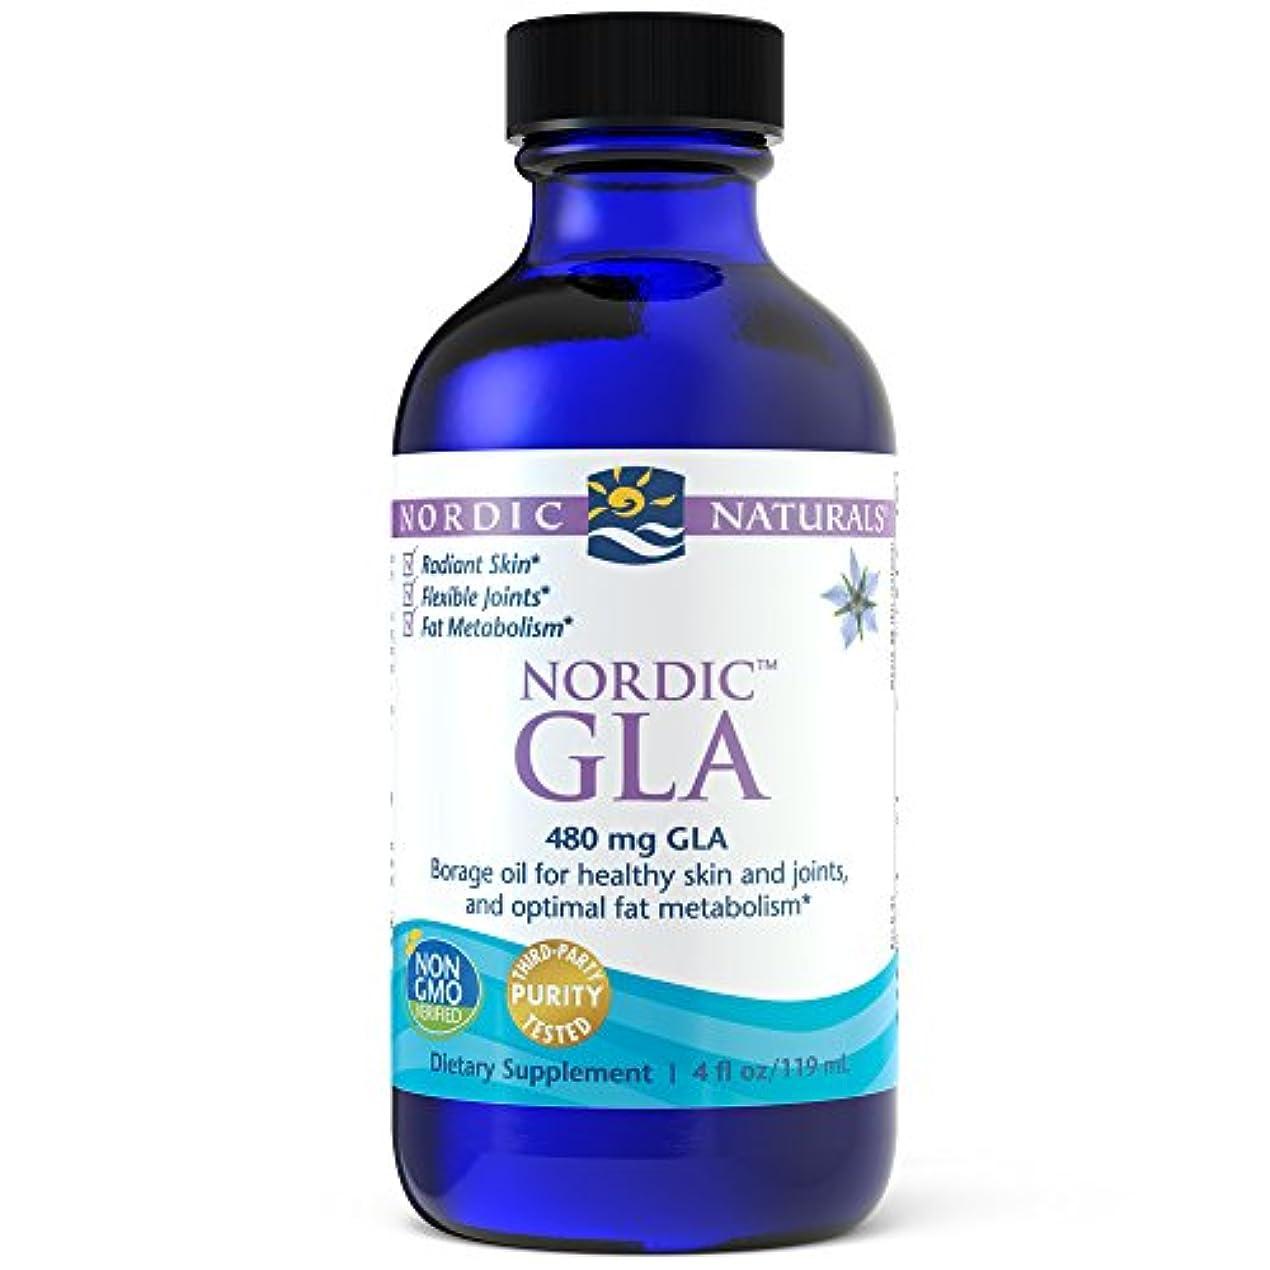 その後タンパク質粘液Nordic Naturals ノルディック GLA アンフレーバー 4 オンス